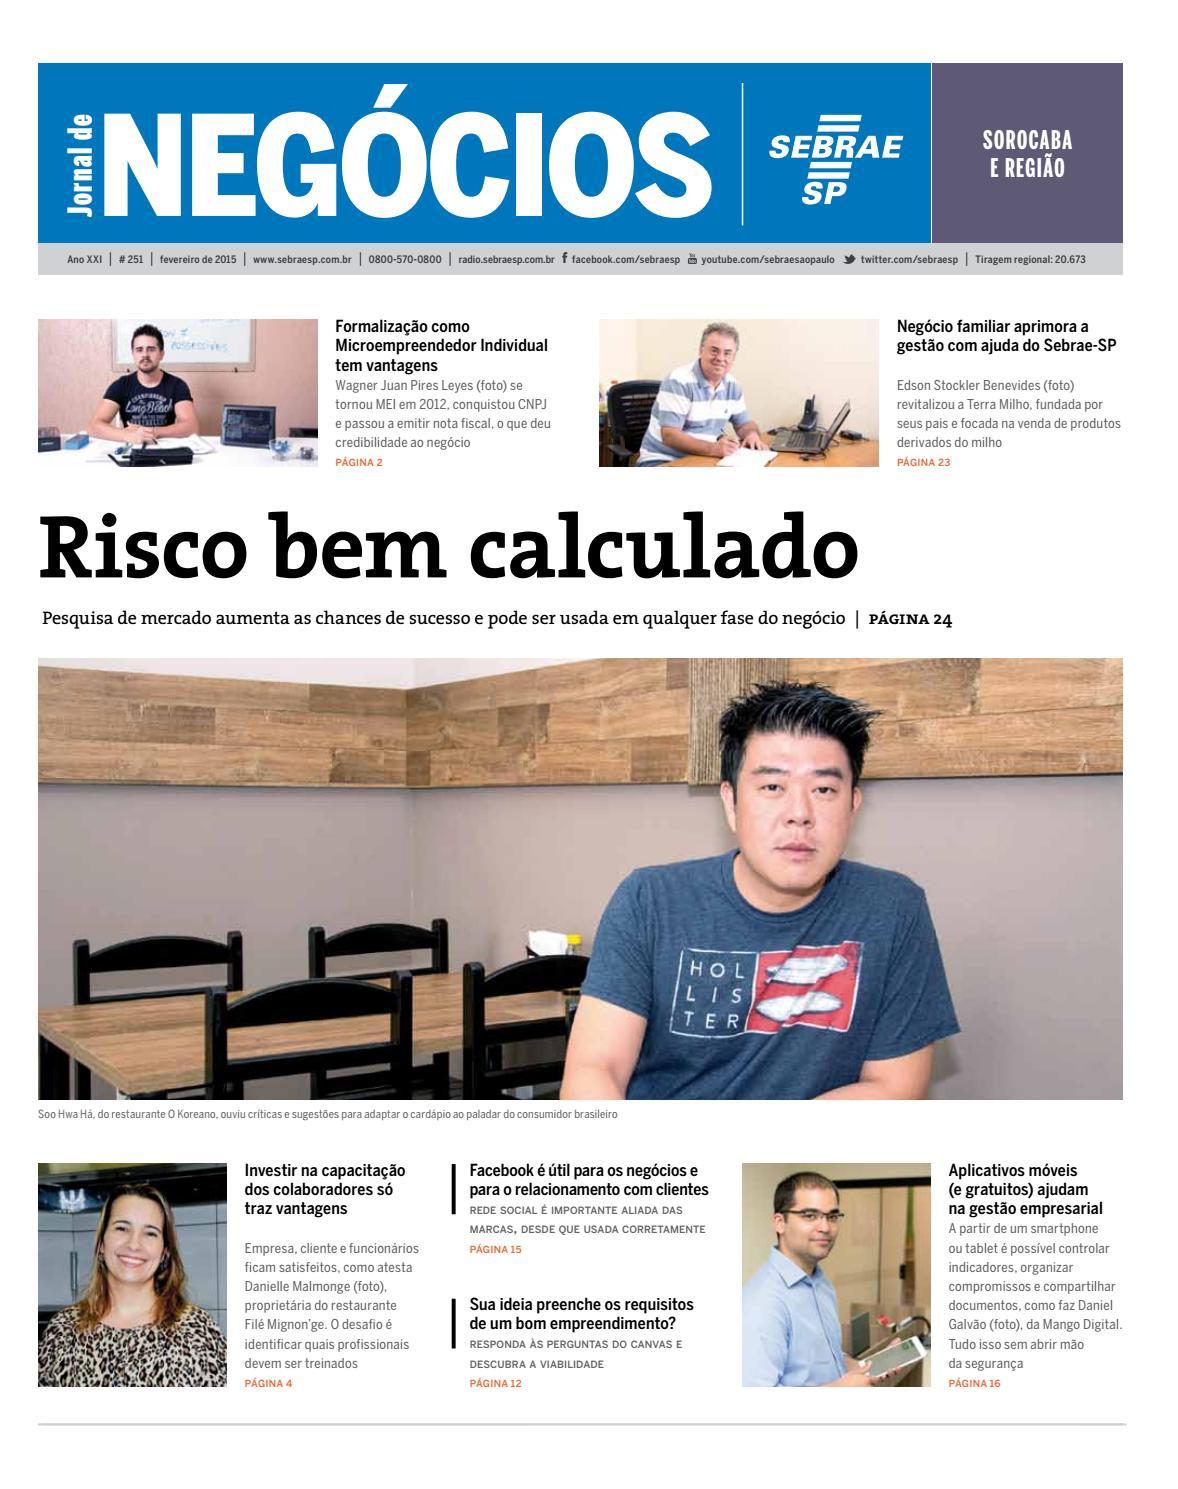 Jornal de Negócios Sebrae-SP - 01 de fevereiro de 2015 - Sorocaba by  Sebrae-SP - issuu eb59e94317f5f